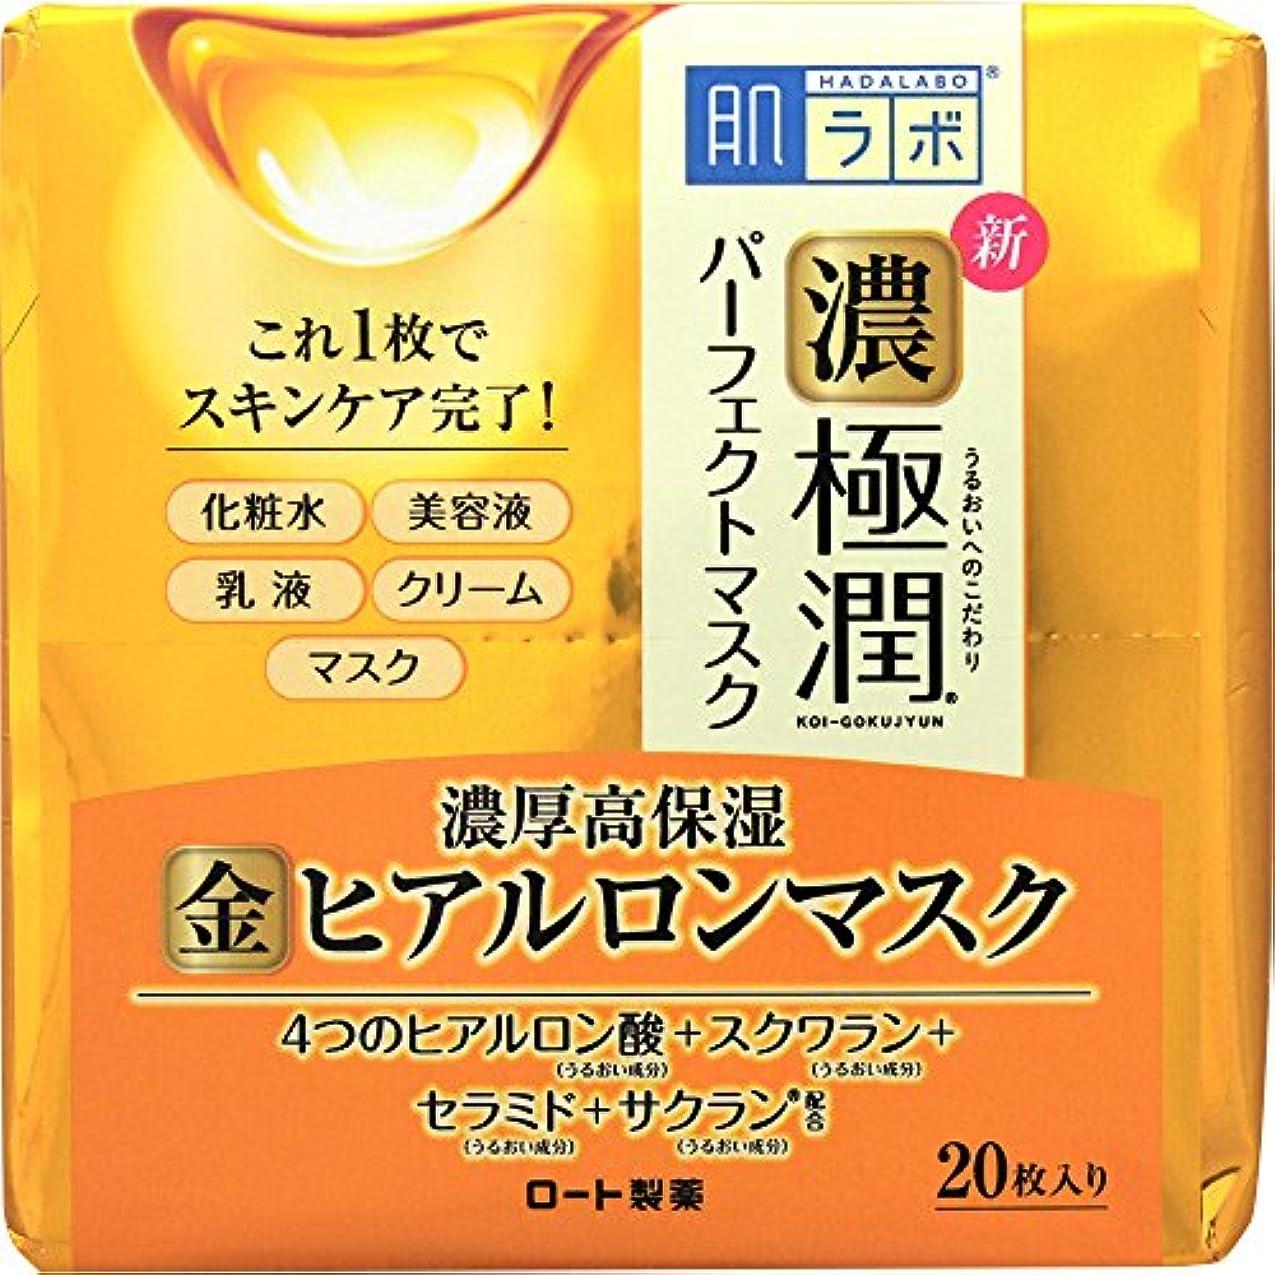 メモ叫ぶジム肌ラボ 濃い極潤 オールインワン パーフェクトマスク 4つのヒアルロン酸×スクワラン×セラミド×サクラン配合 20枚